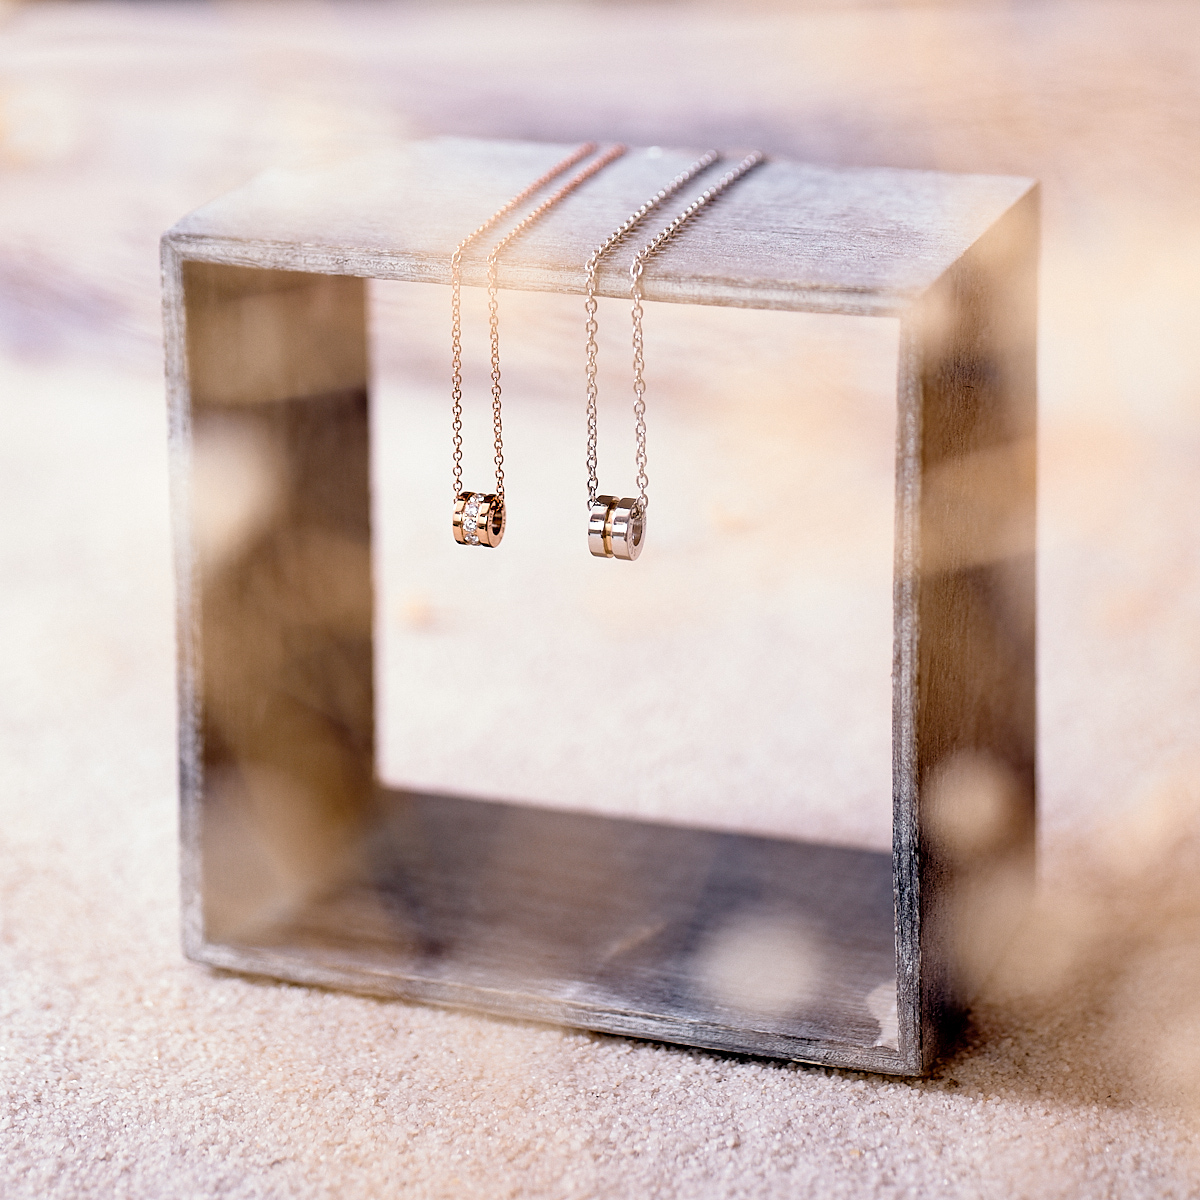 Lauss ペア ネックレス 小さめサイズにこだわった サークル・ライト ペアネックレス アレルギーフリー サージカルステンレス イニシャル彫刻 opp00051 (長方形パッケージ)conpact